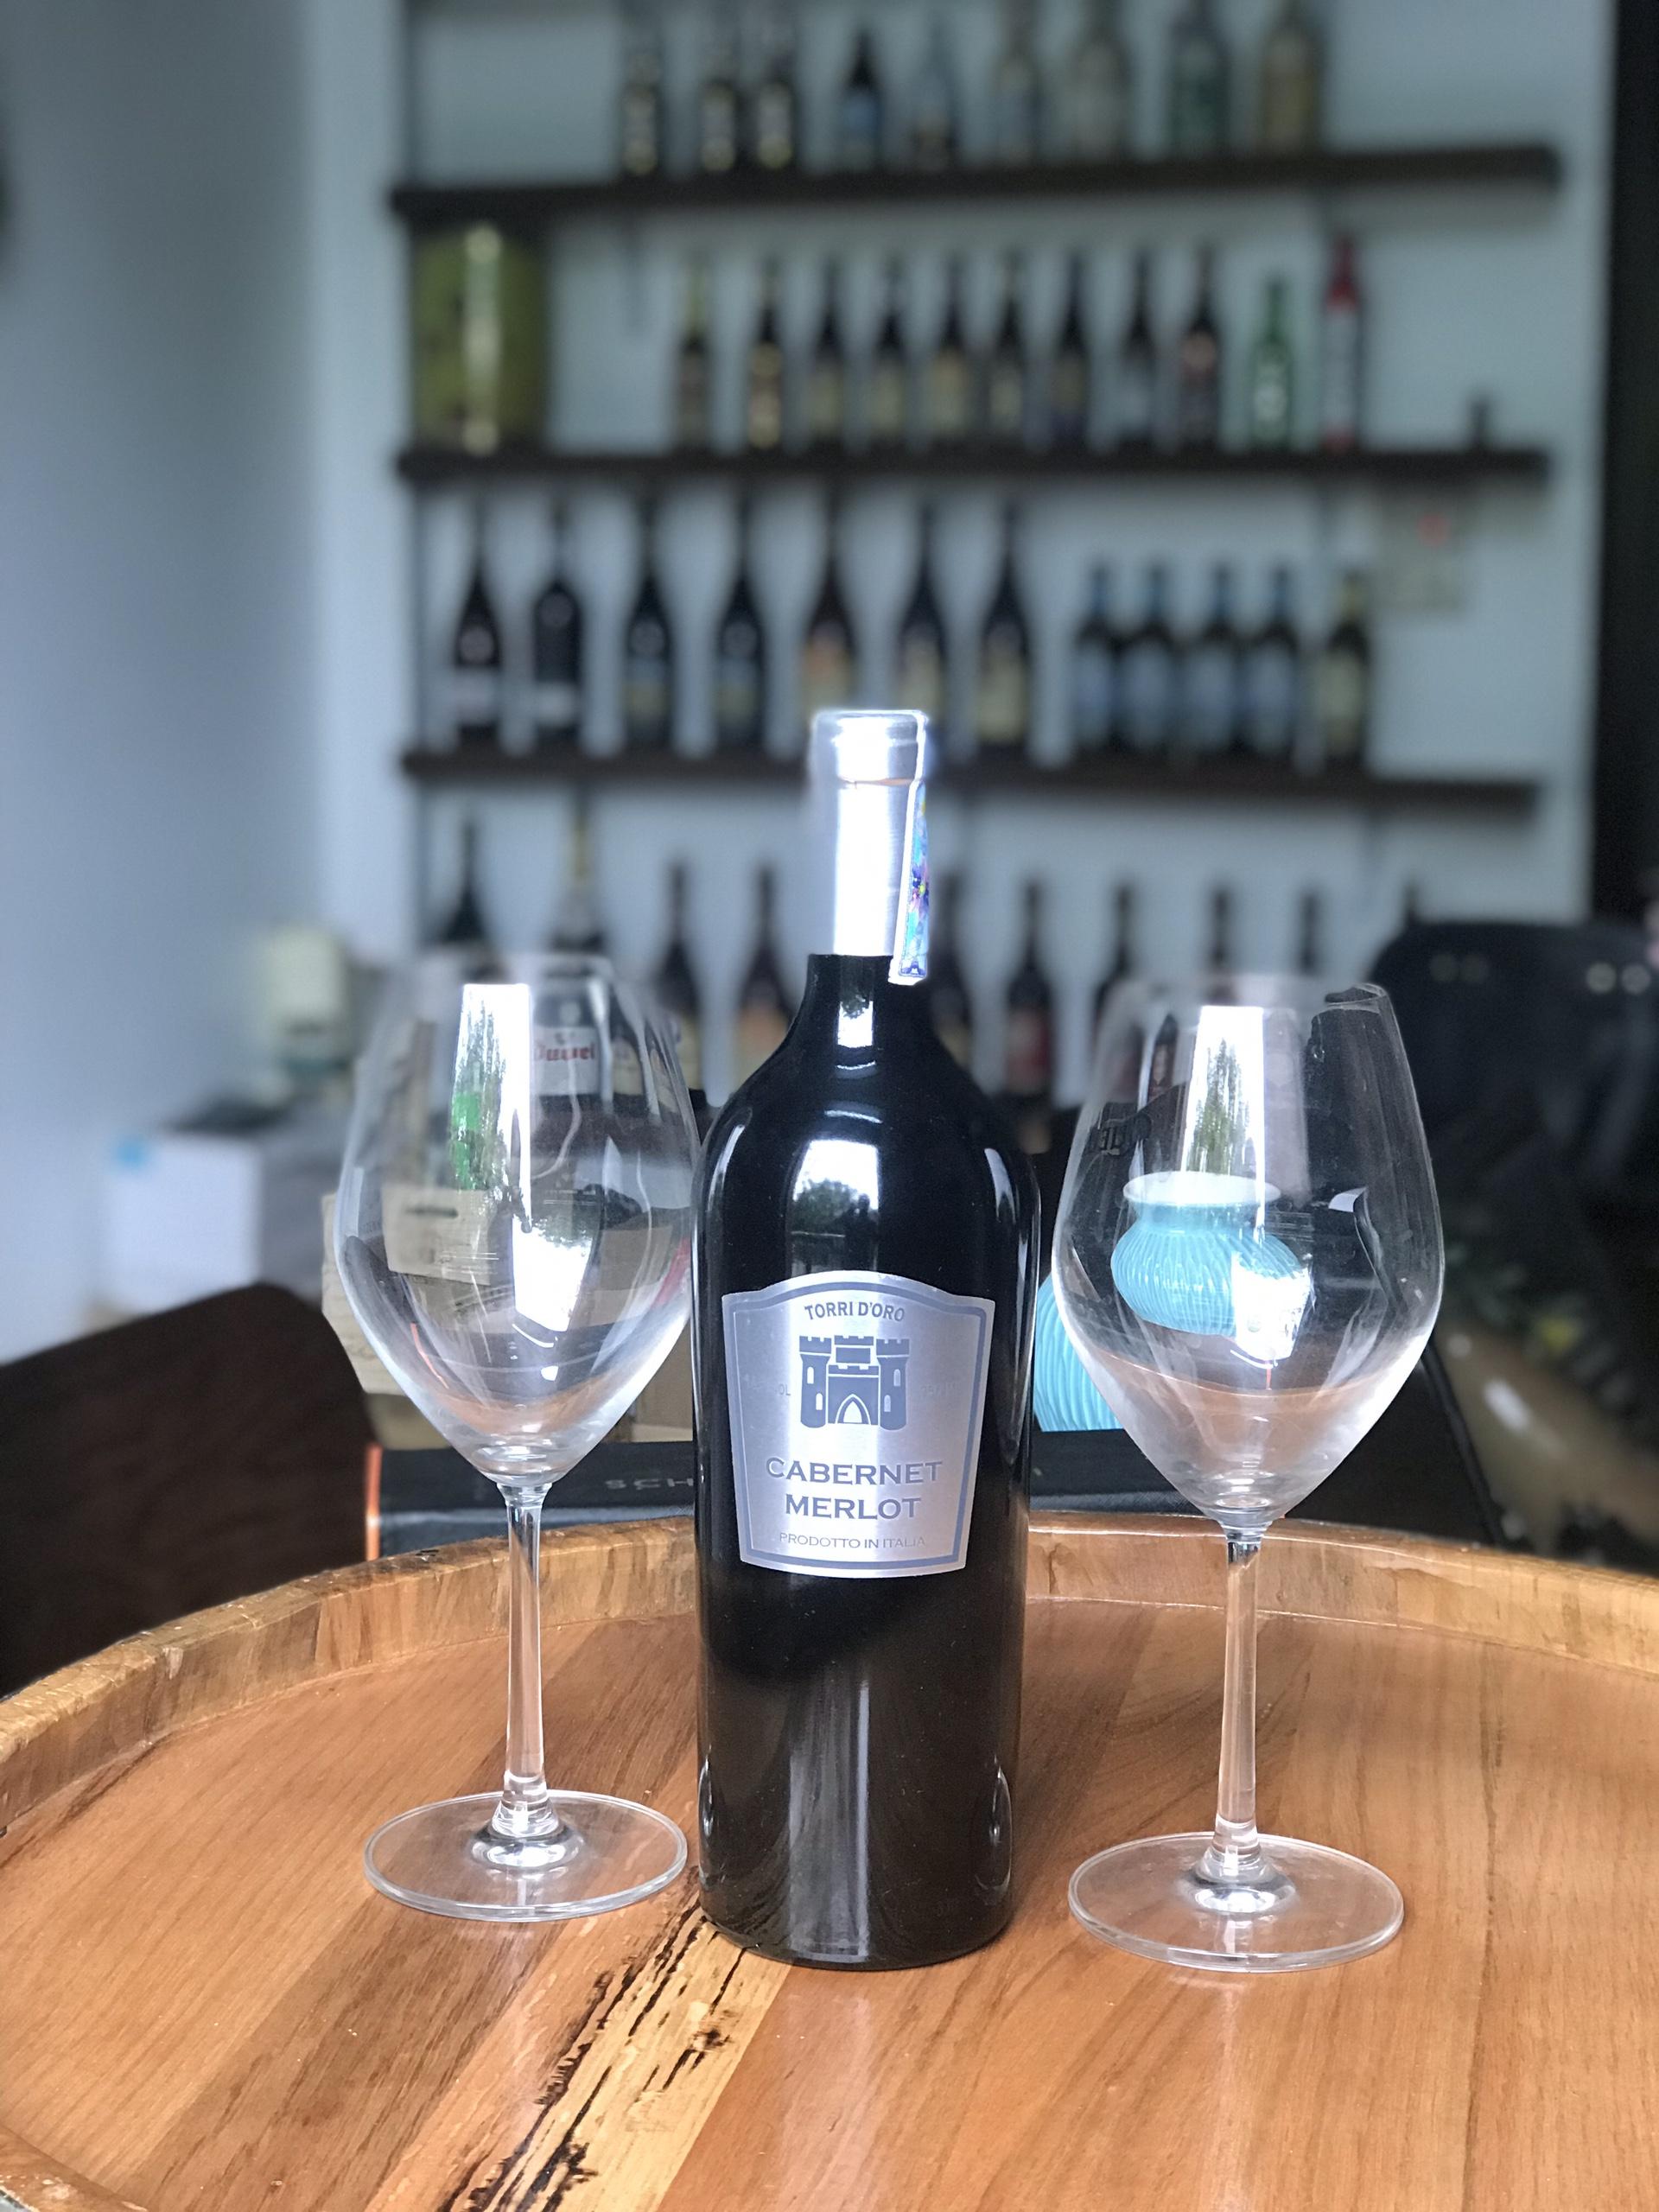 Vang Torri D'Oro Cabernet Merlot là một chai vang Ý cao cấp